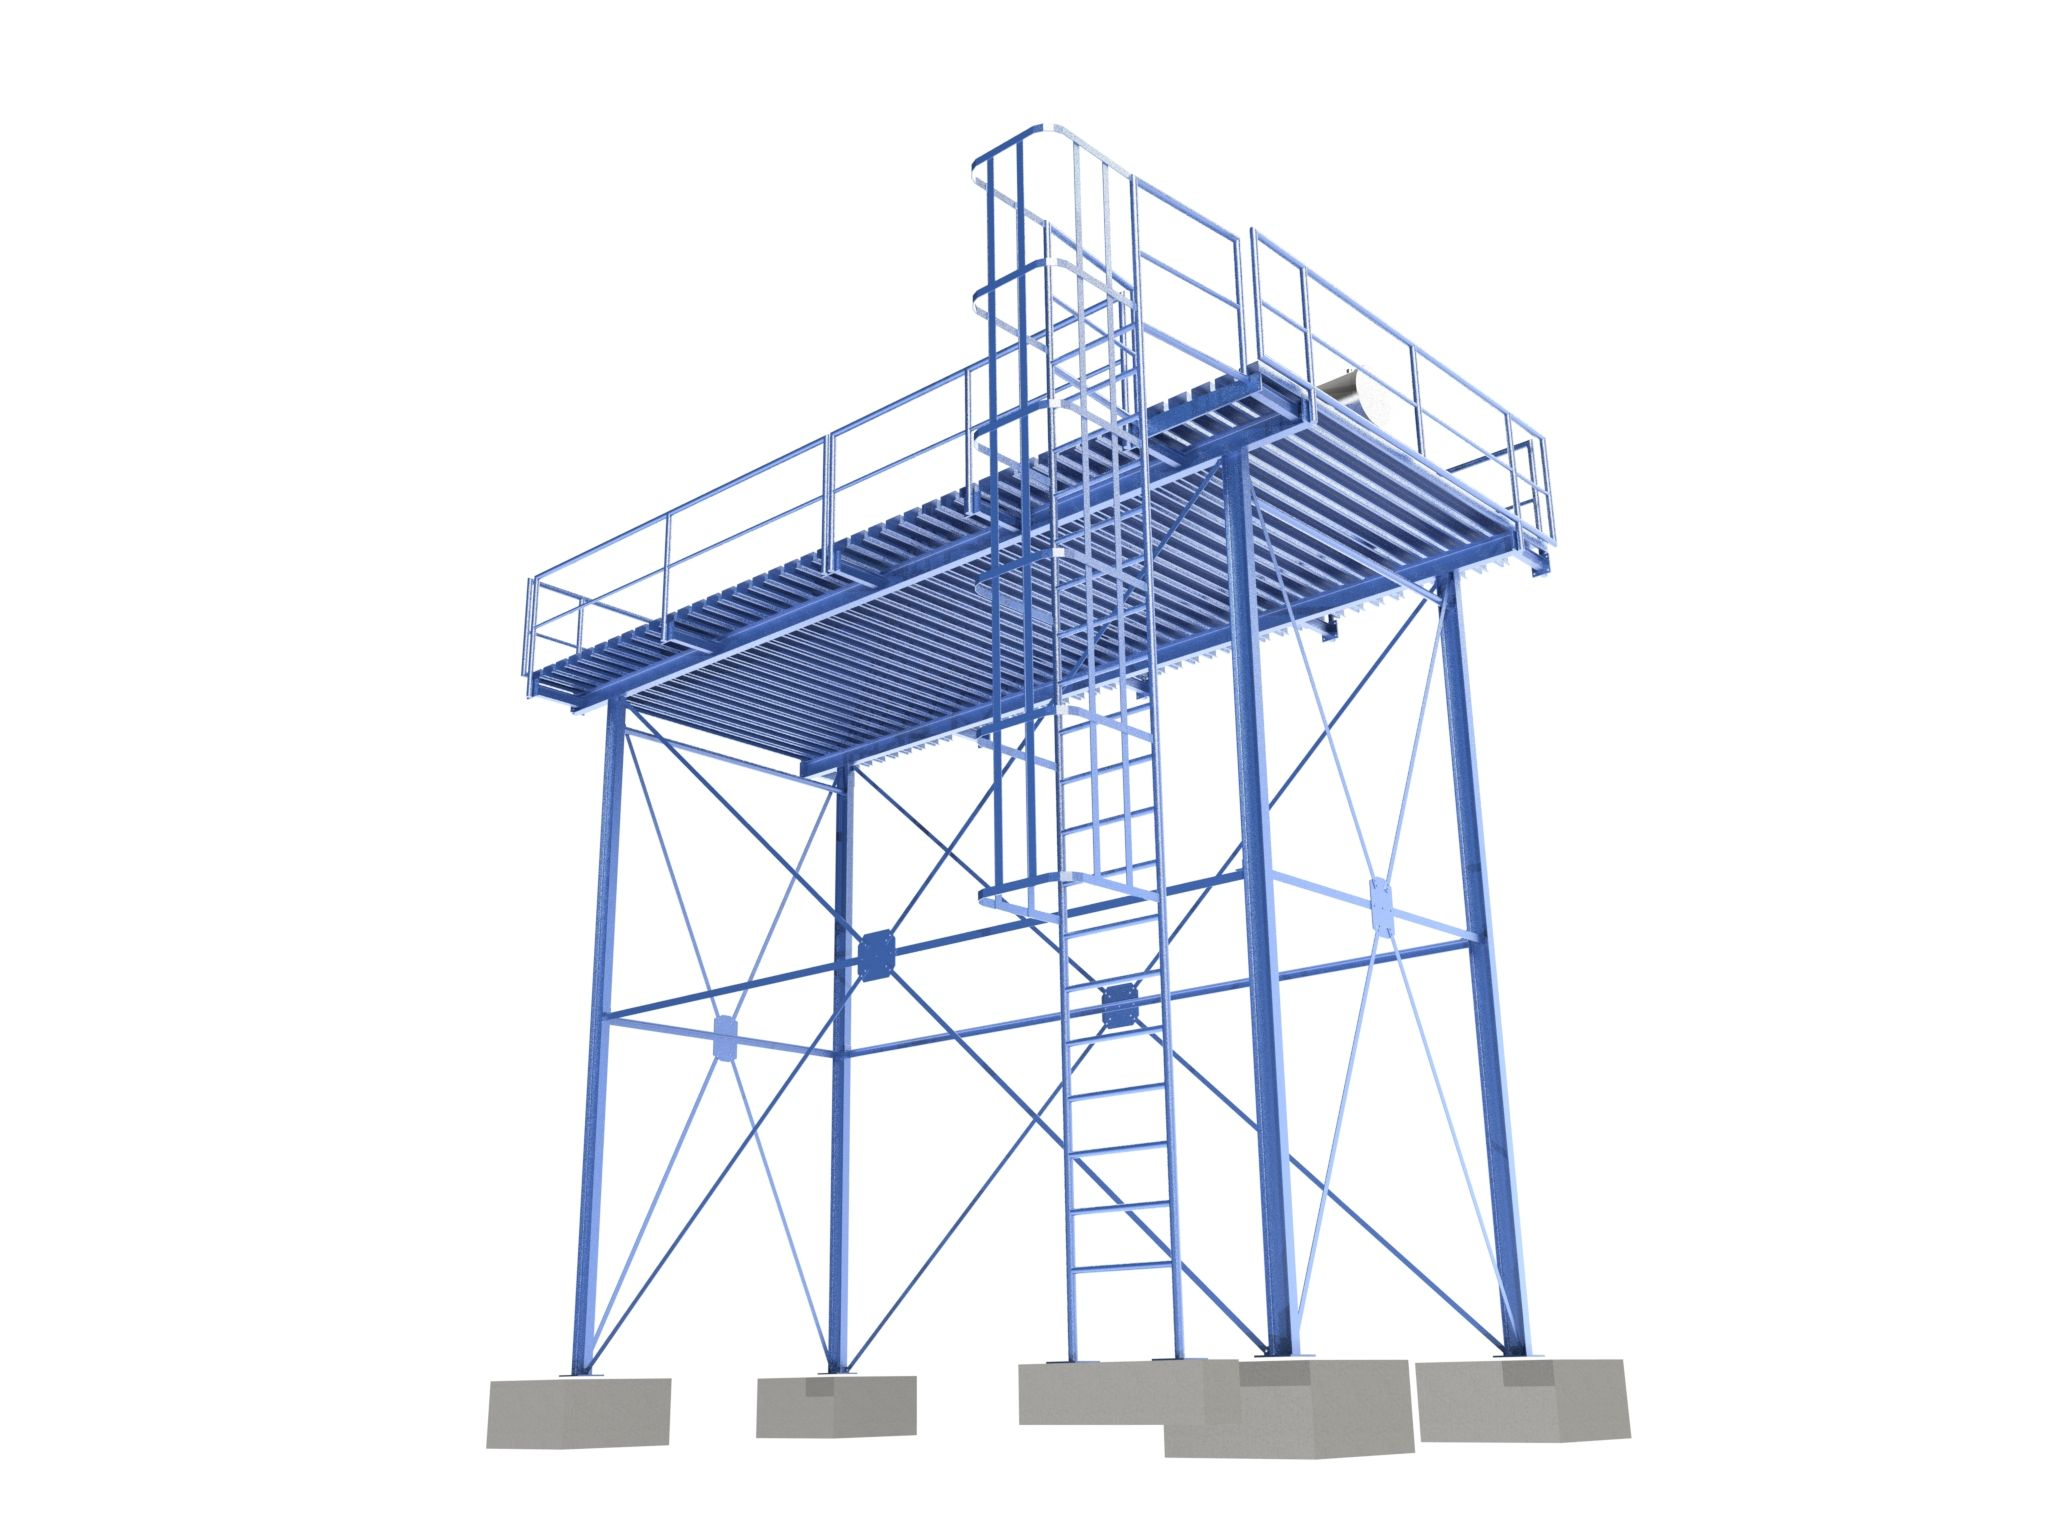 Plateforme pour installation de panneaux solaires thermiques